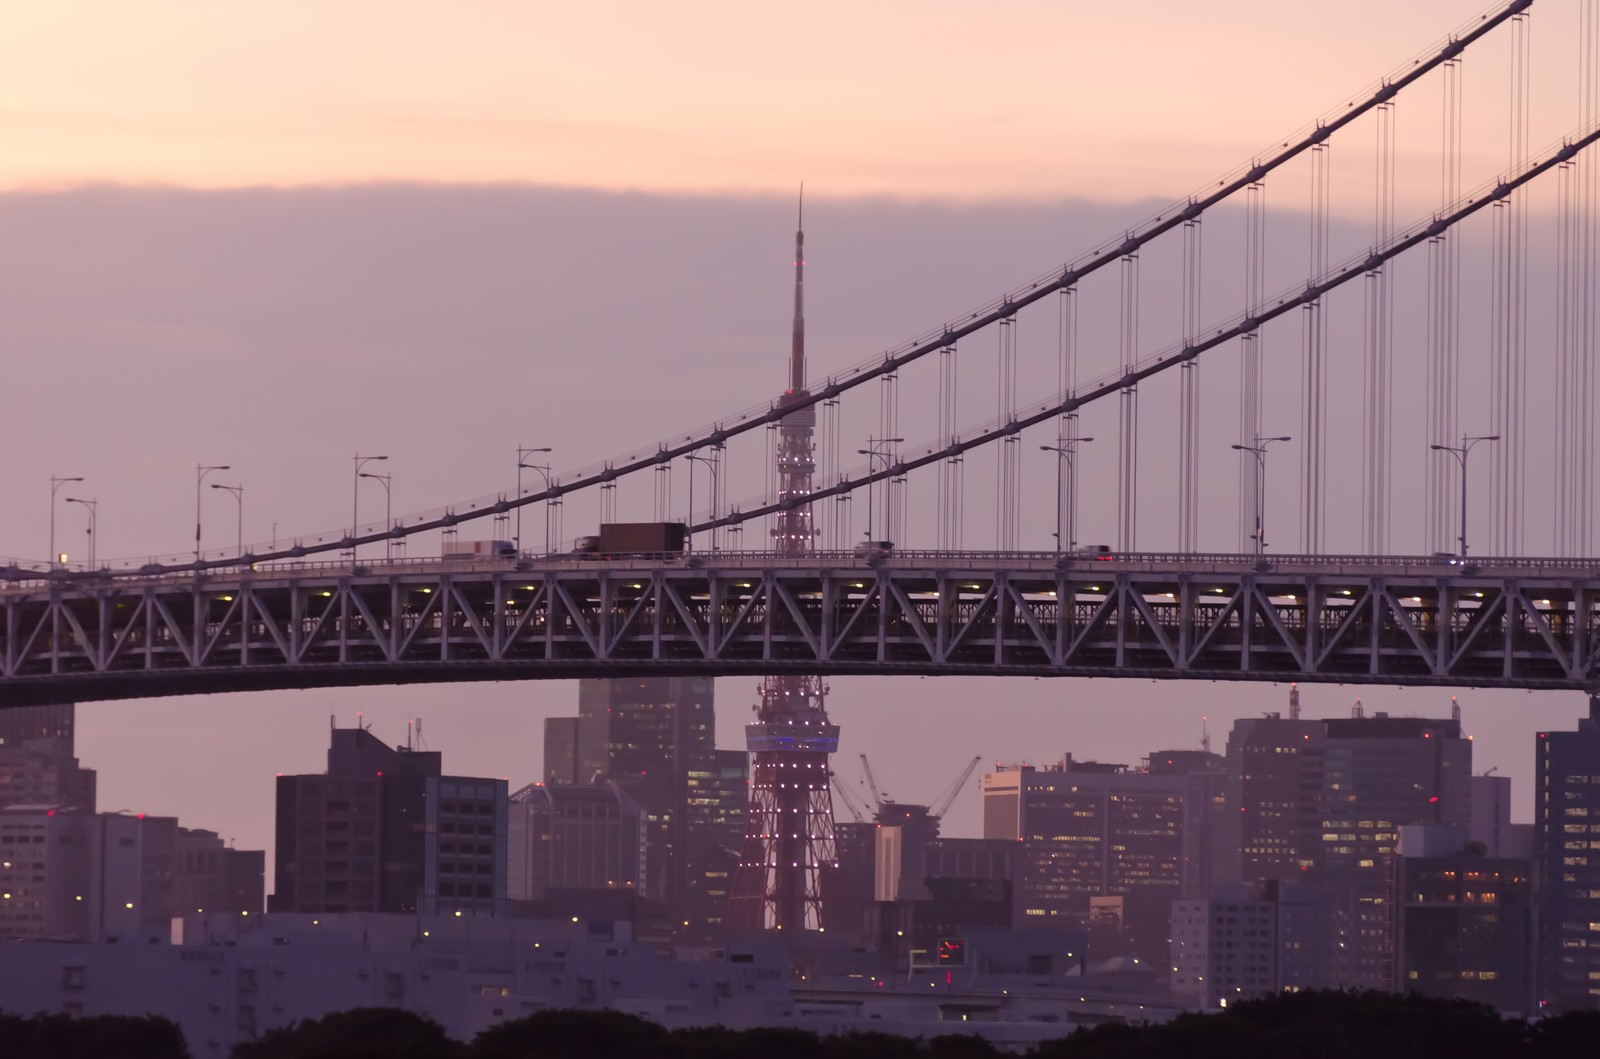 「東京タワーとレインボーブリッジ(夕方)」の写真